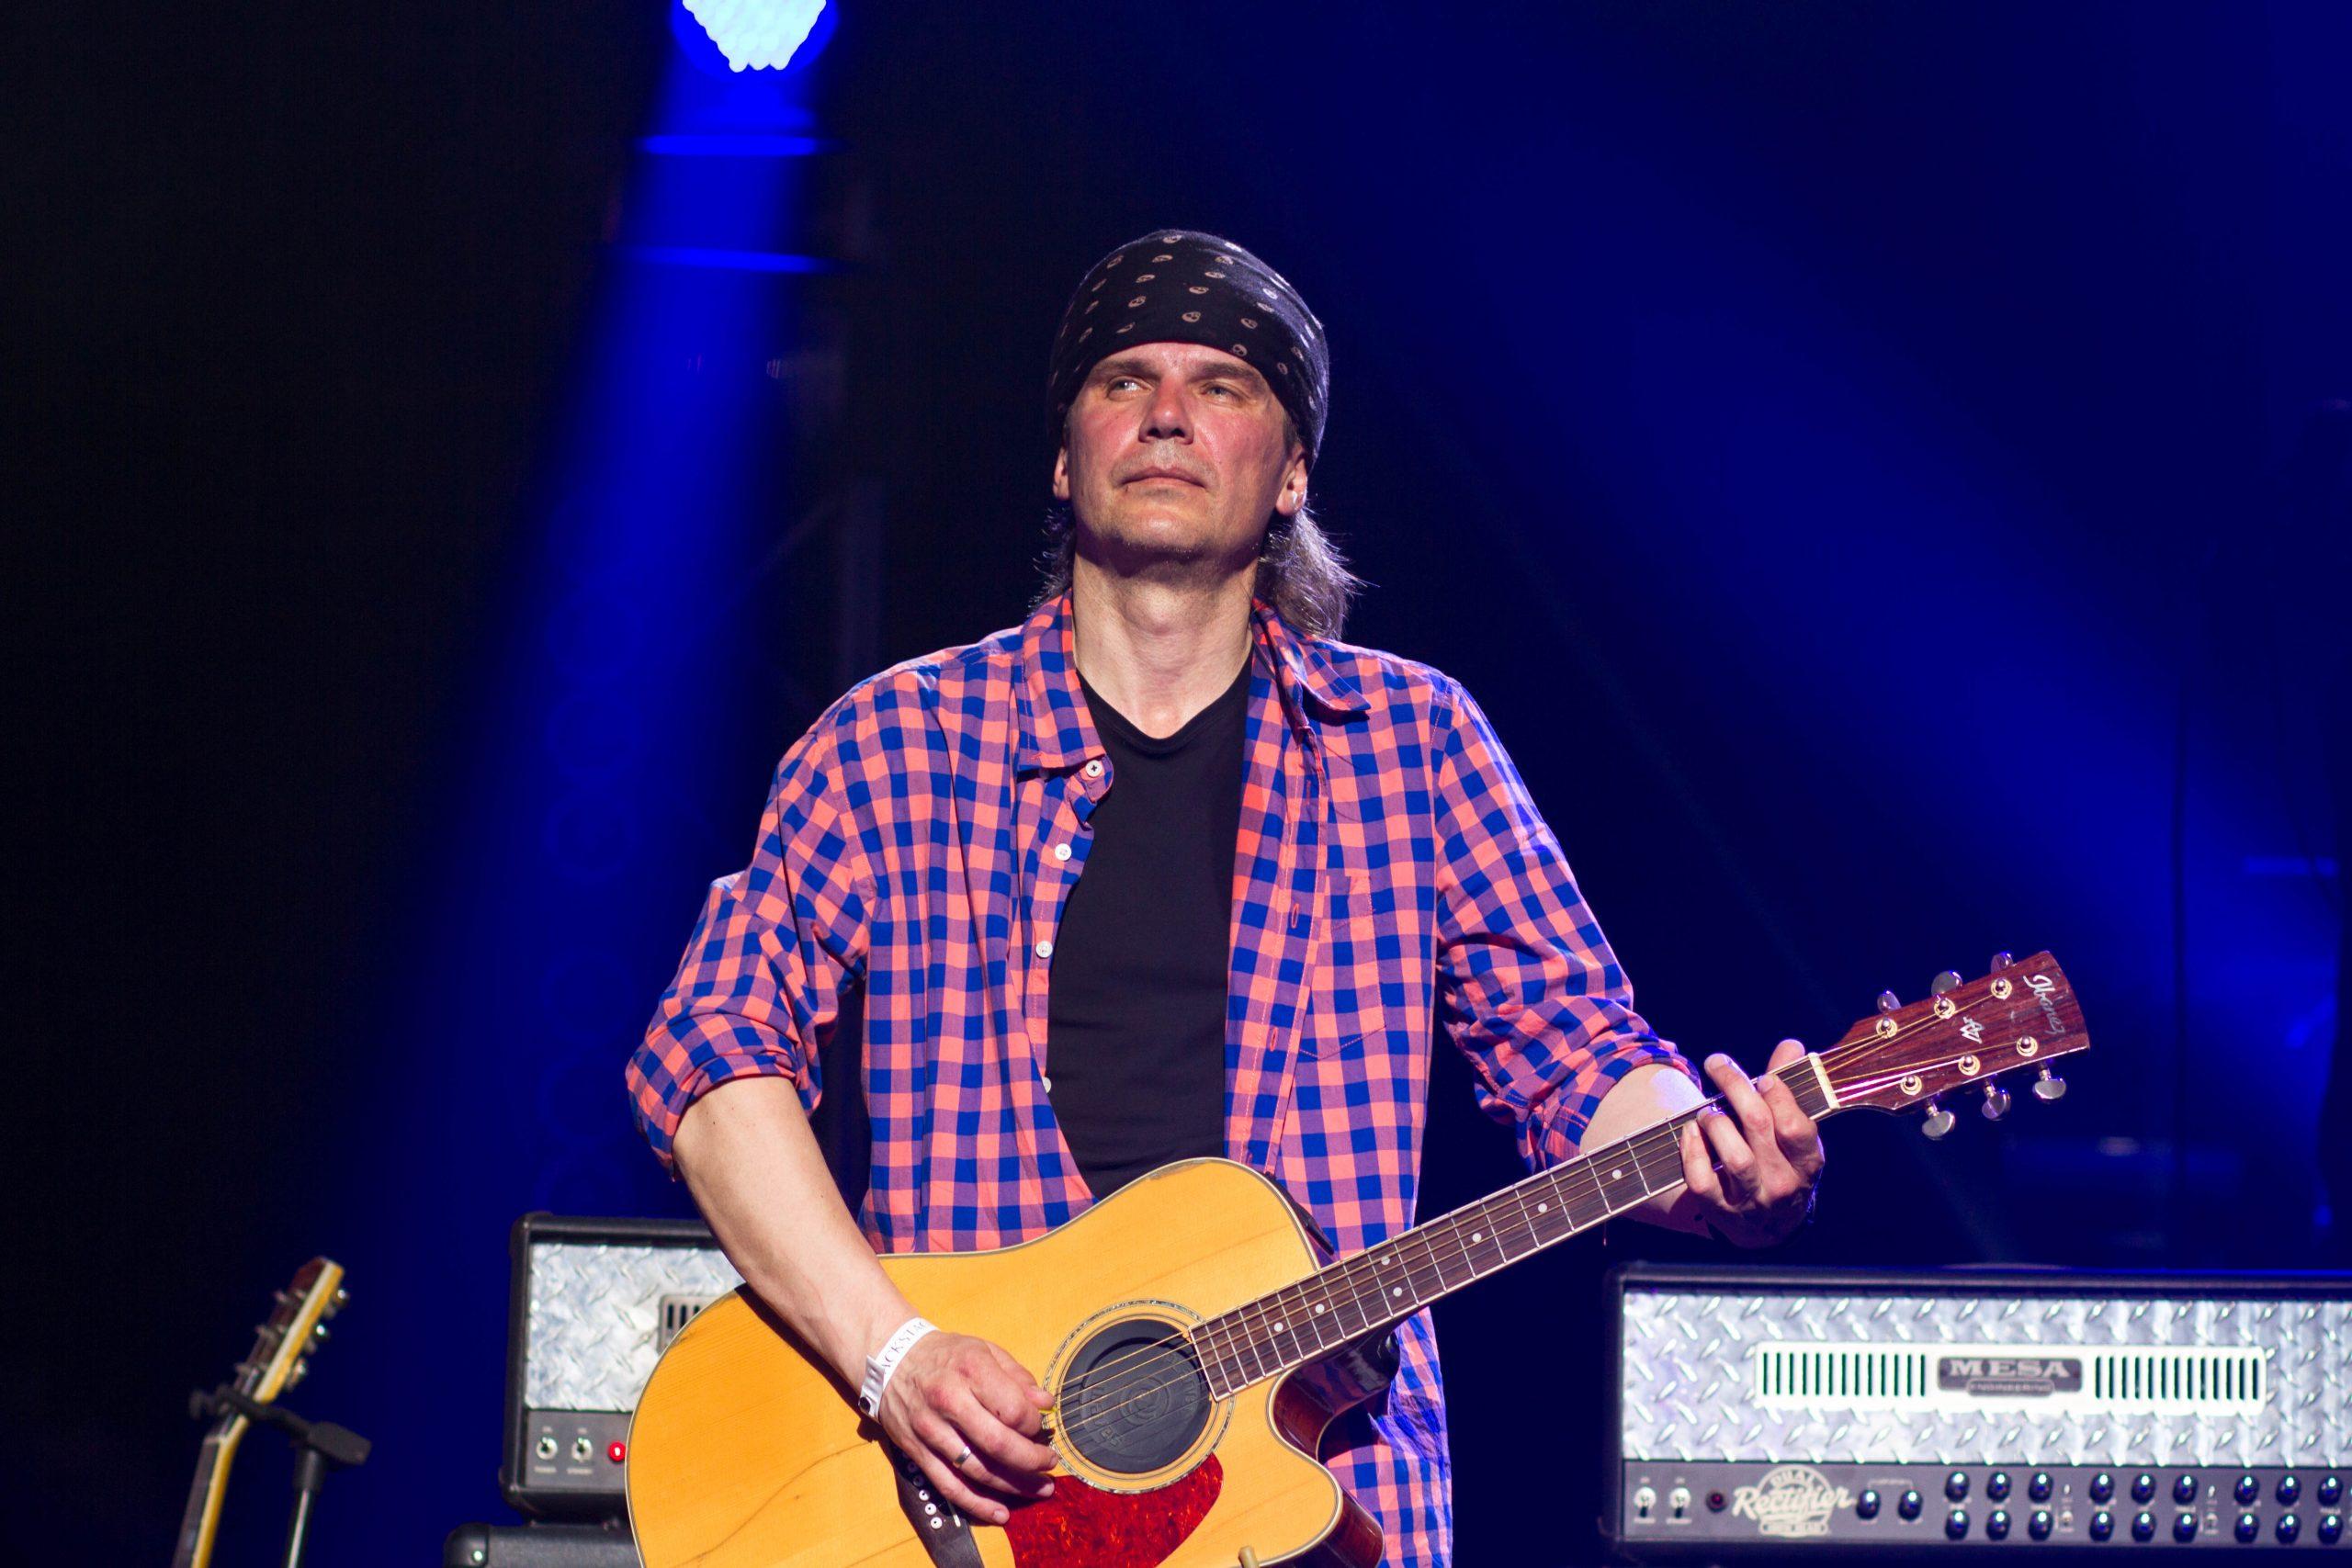 Алексей Зволинский на концерте памяти Андрея Кузьменко (Скрябин)